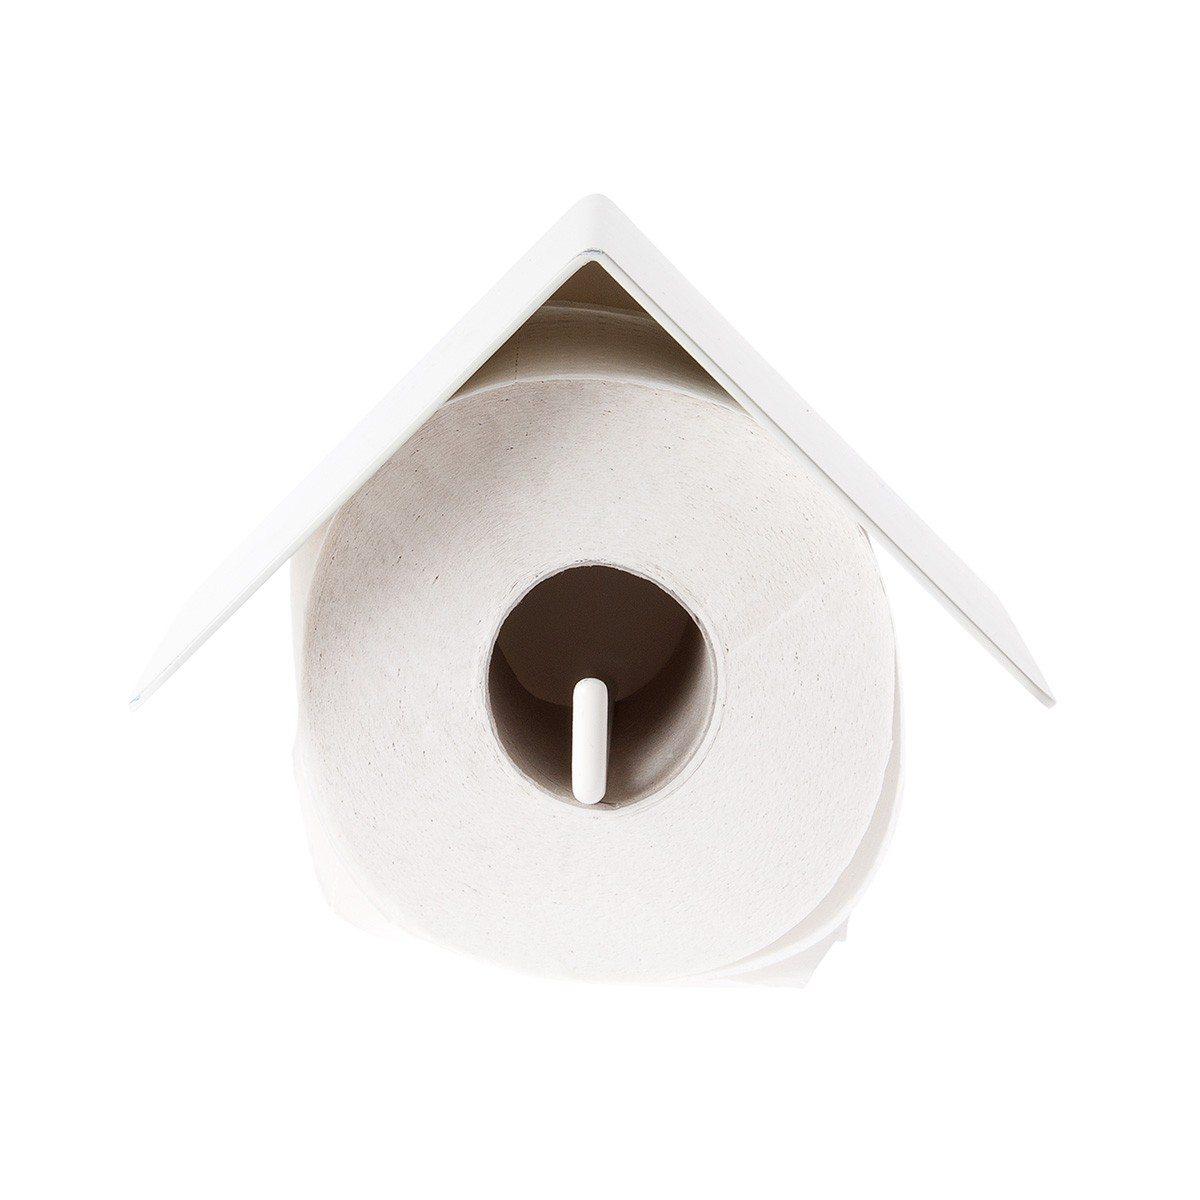 Vogelhuisje toiletpapier en boekenhouder